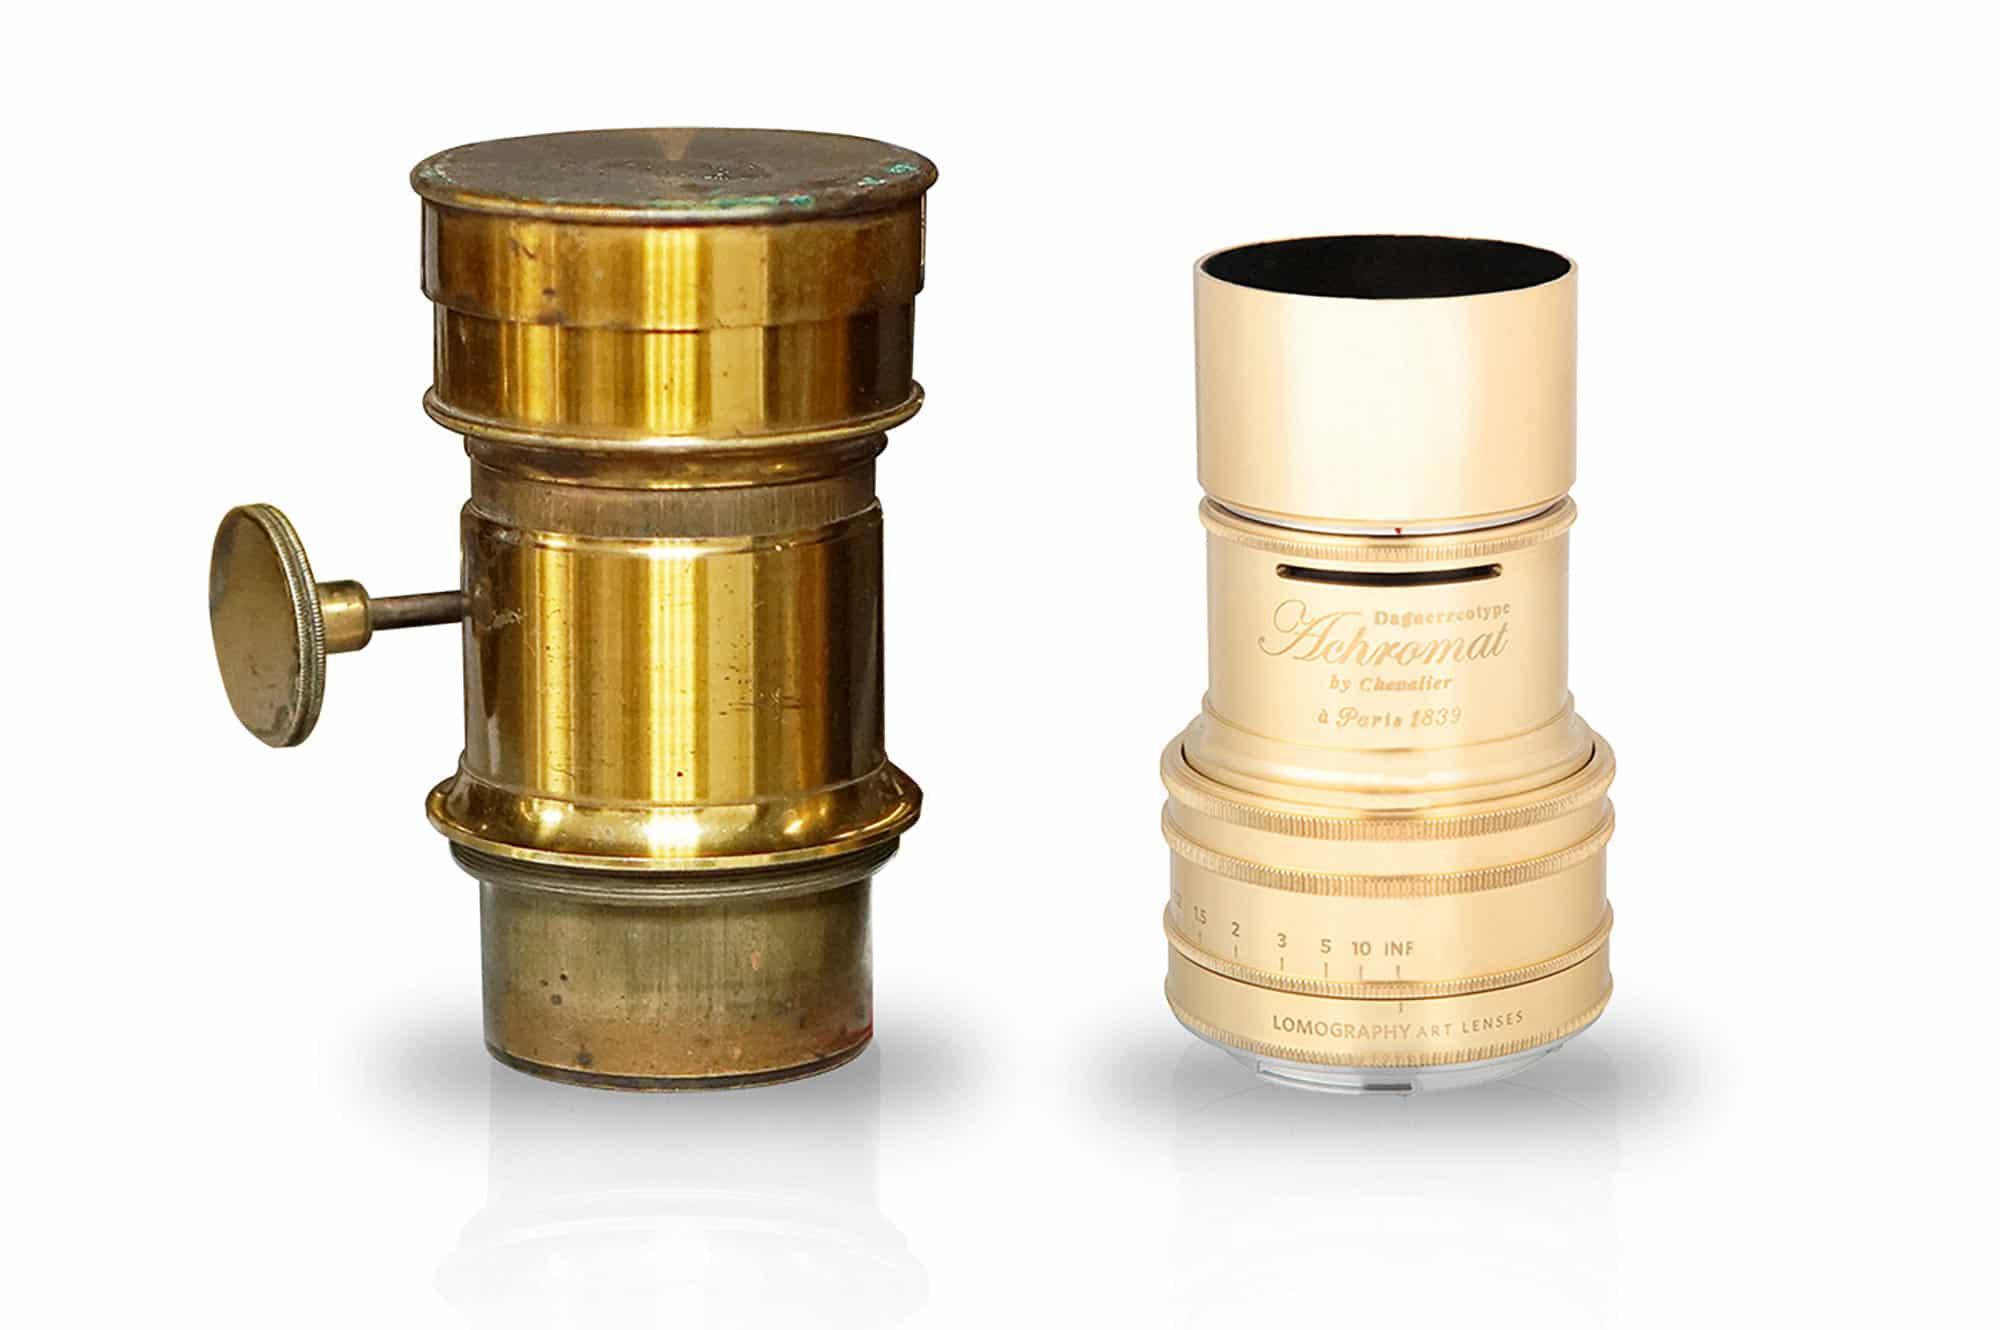 L'Achromat de Chevalier (1839) & l'Achromat de Lomography (2016)